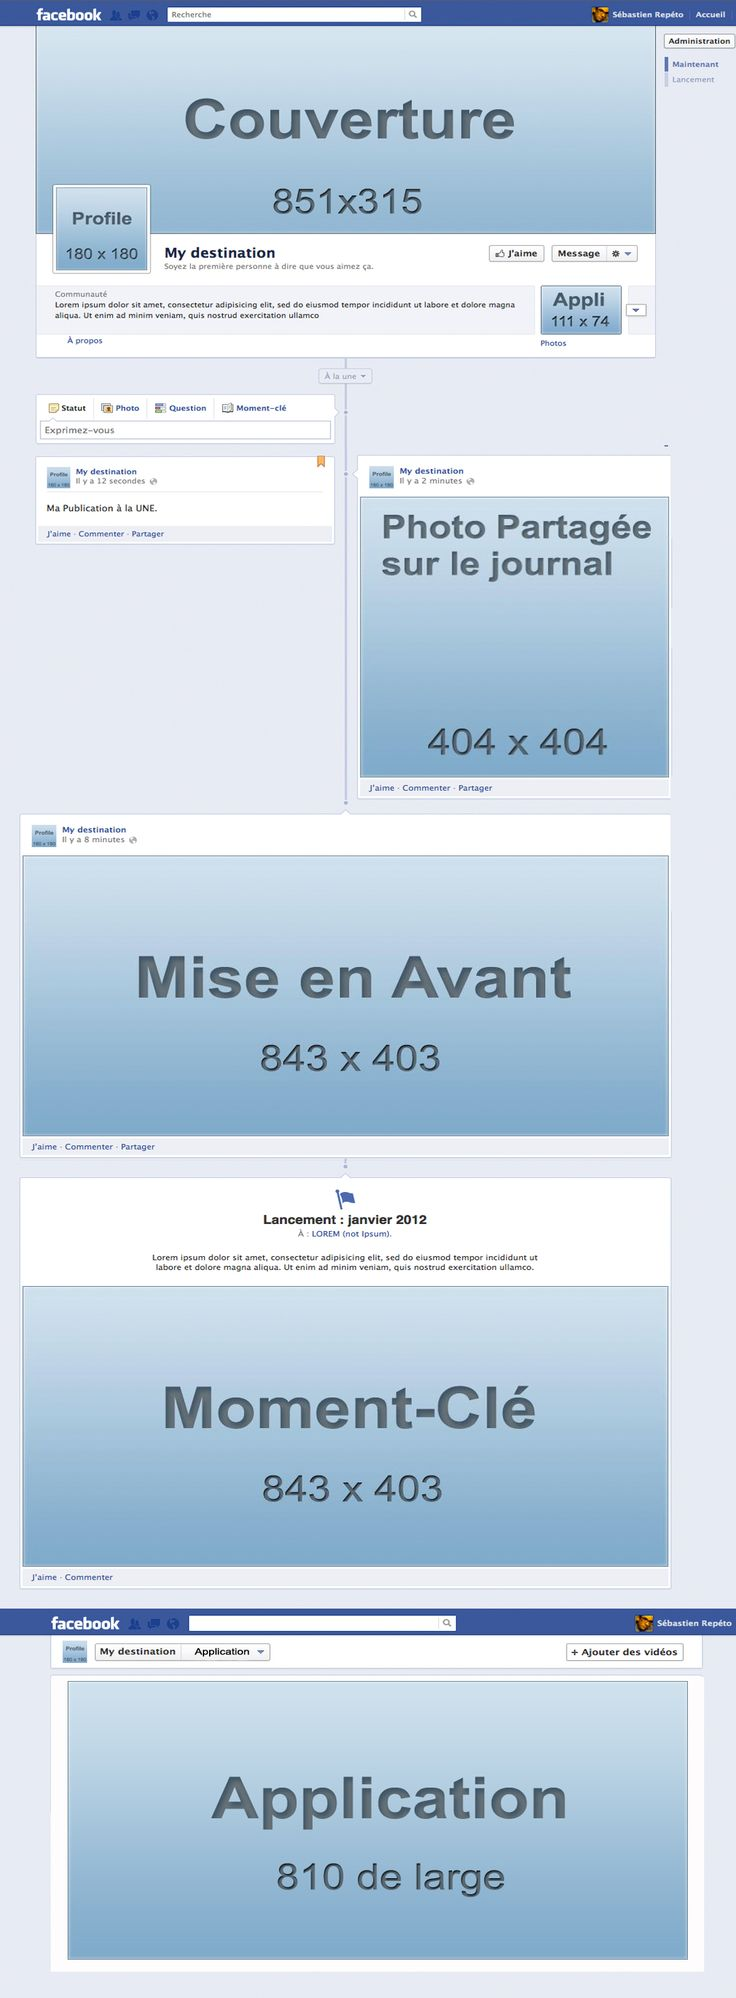 Format Timeline Facebook. Source www.my-destination.fr